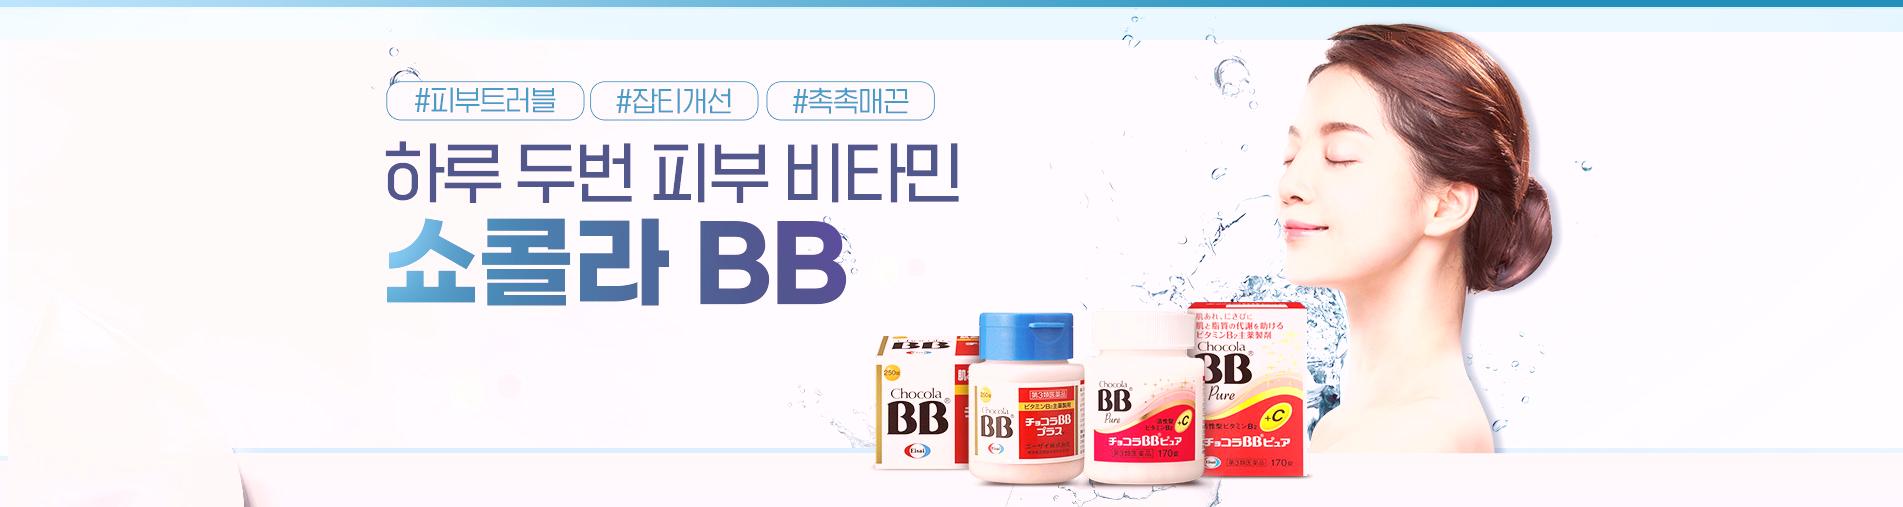 쇼콜라 BB 퓨어 기획전_PC